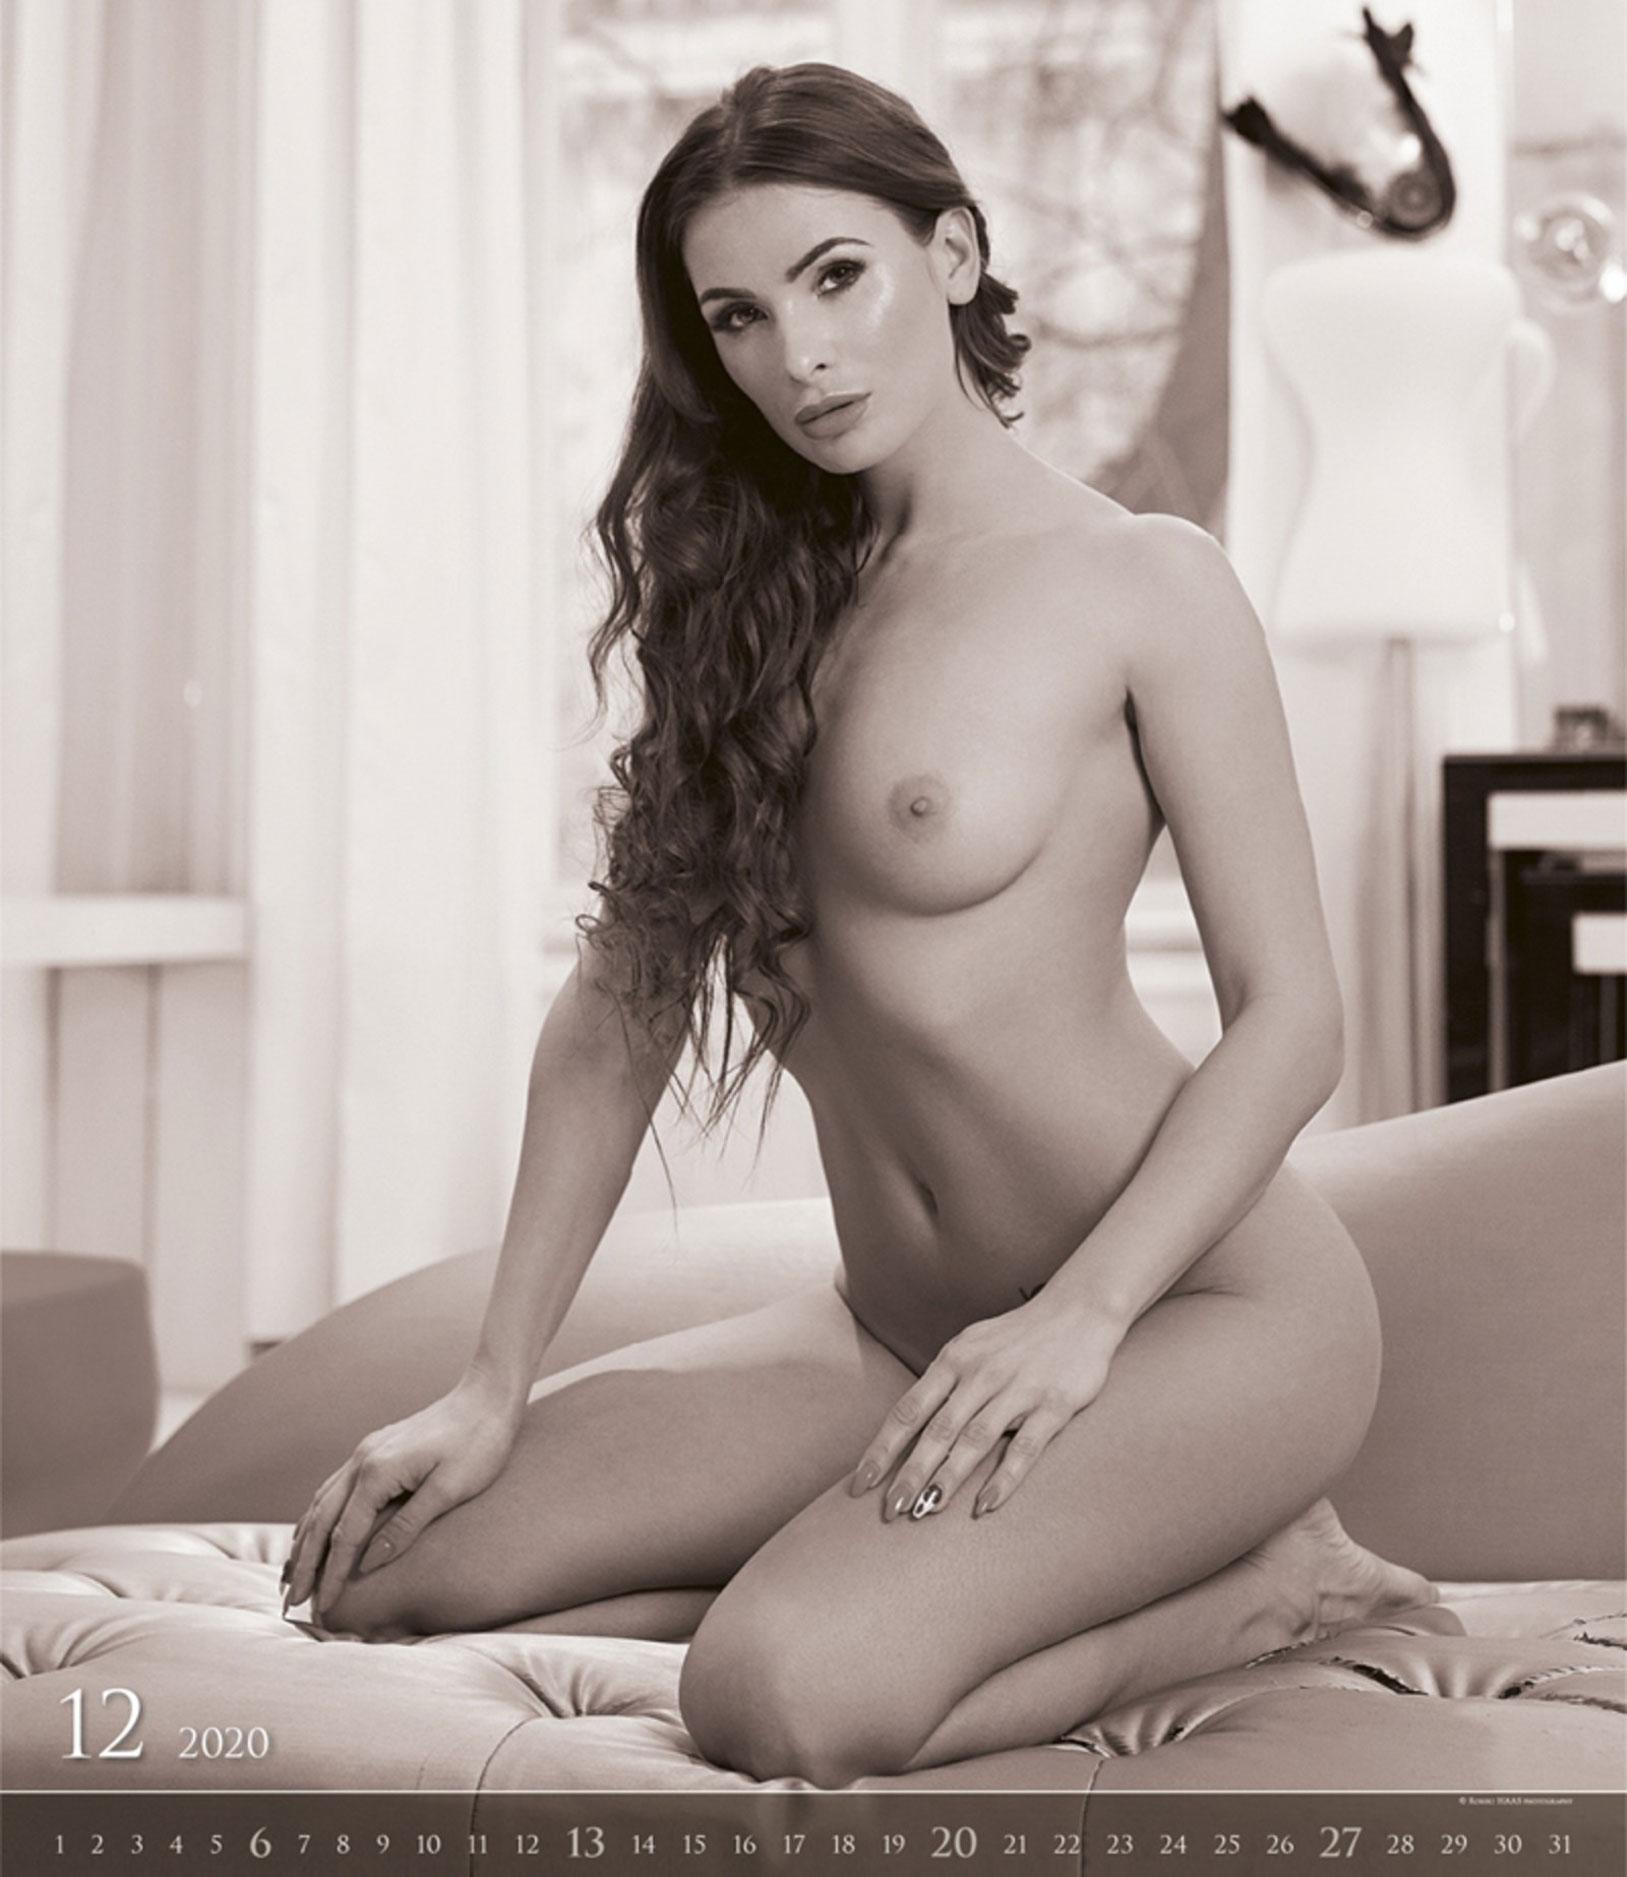 Сексуальные обнаженные девушки в эротическом календаре на 2020 год / декабрь